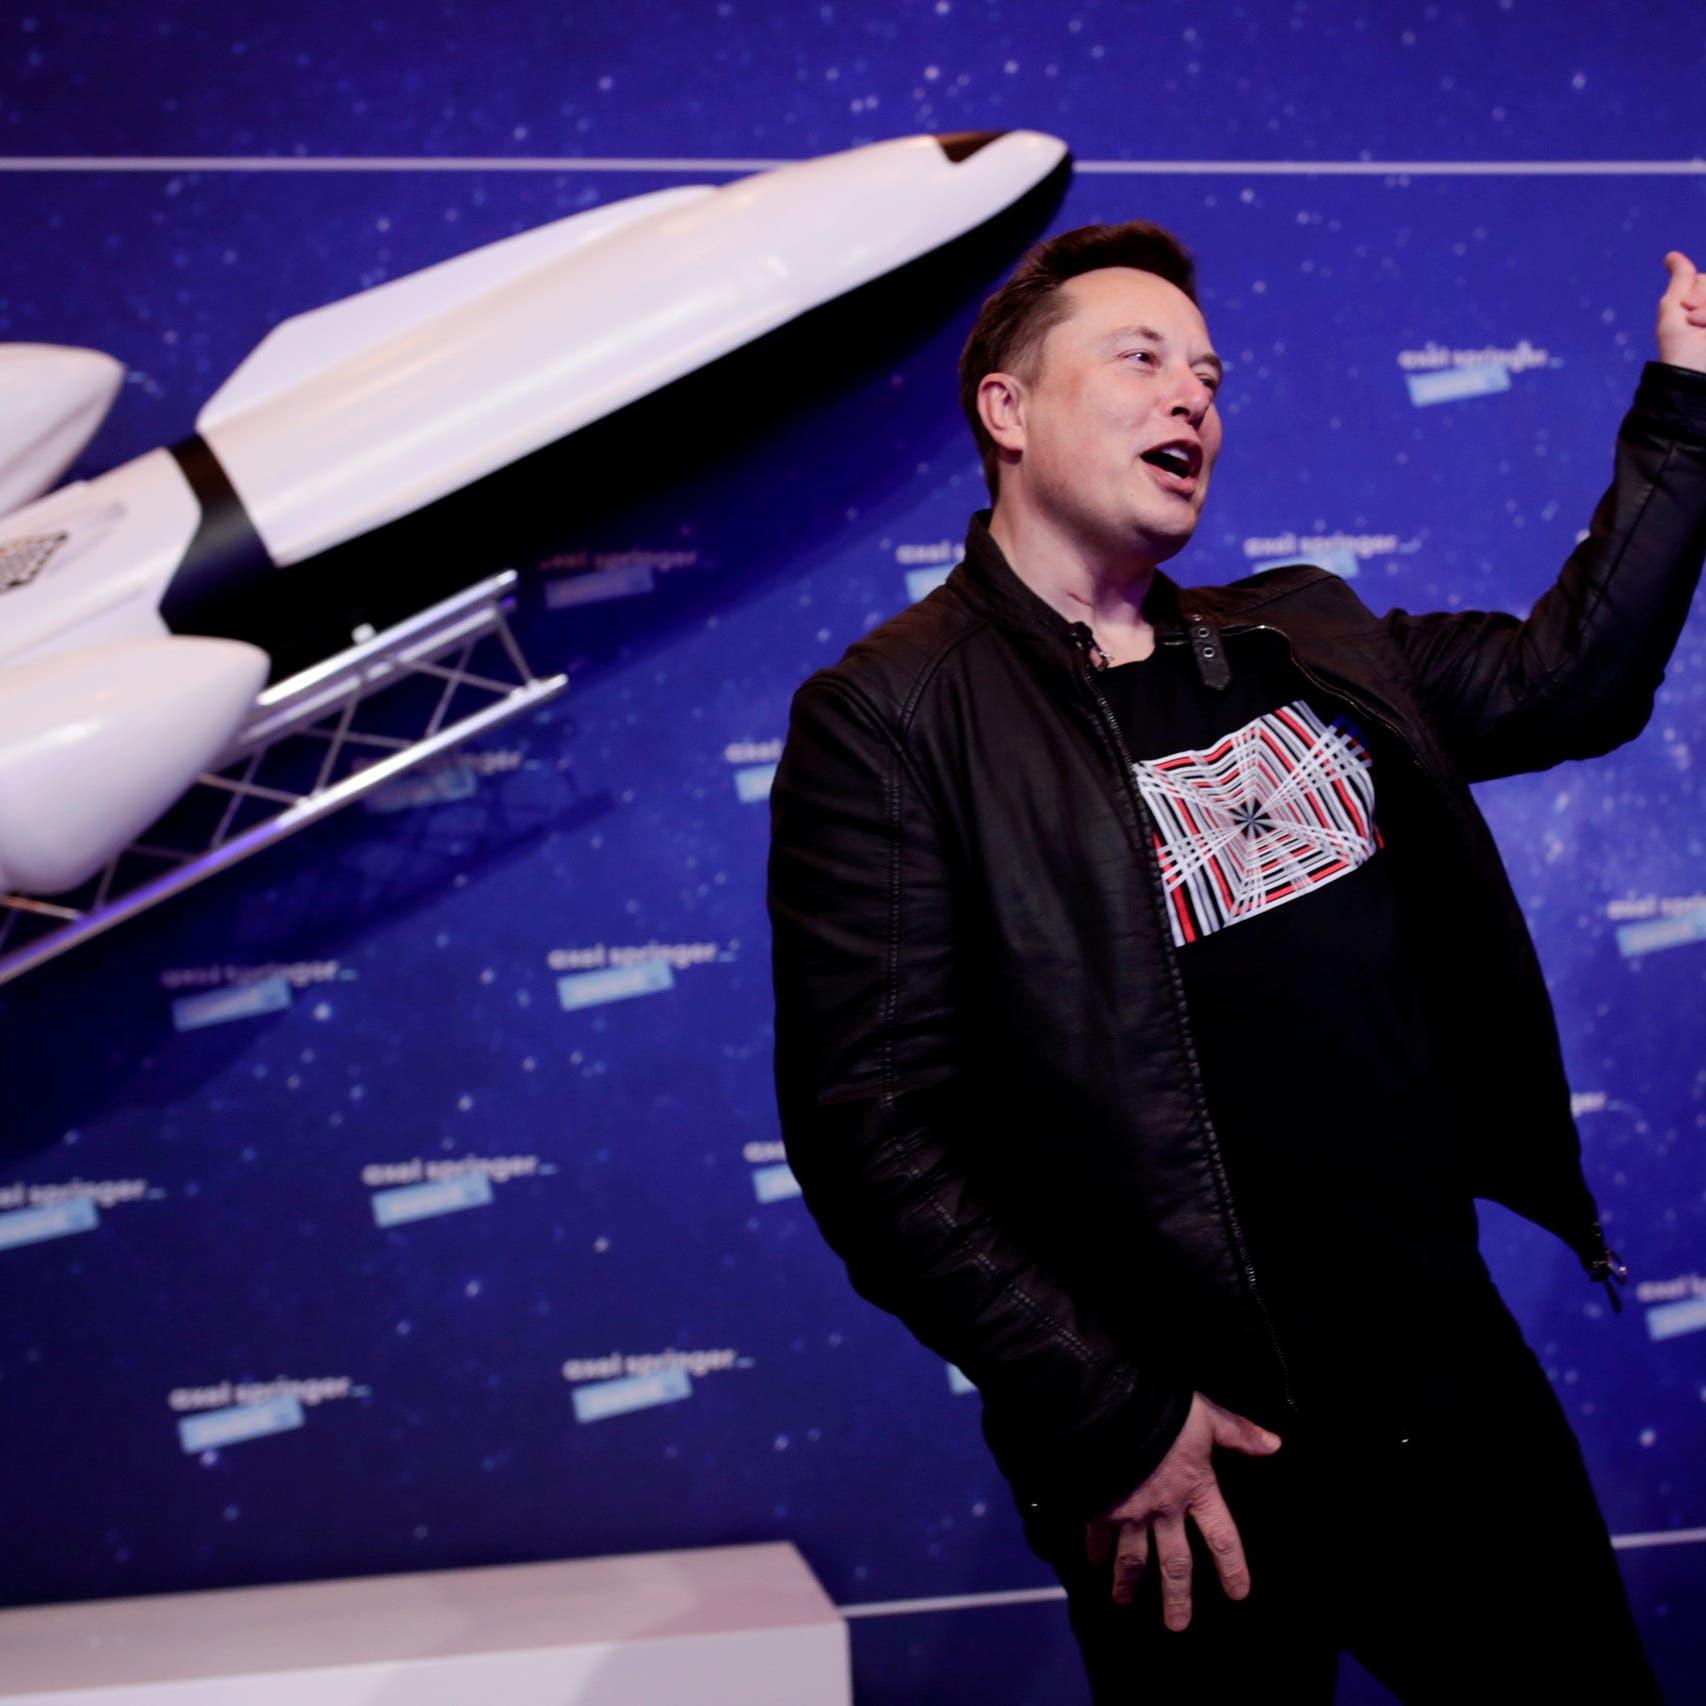 إيلون ماسك يكشف5 استثمارات جعلته ثاني أغنى شخص على وجه الأرض